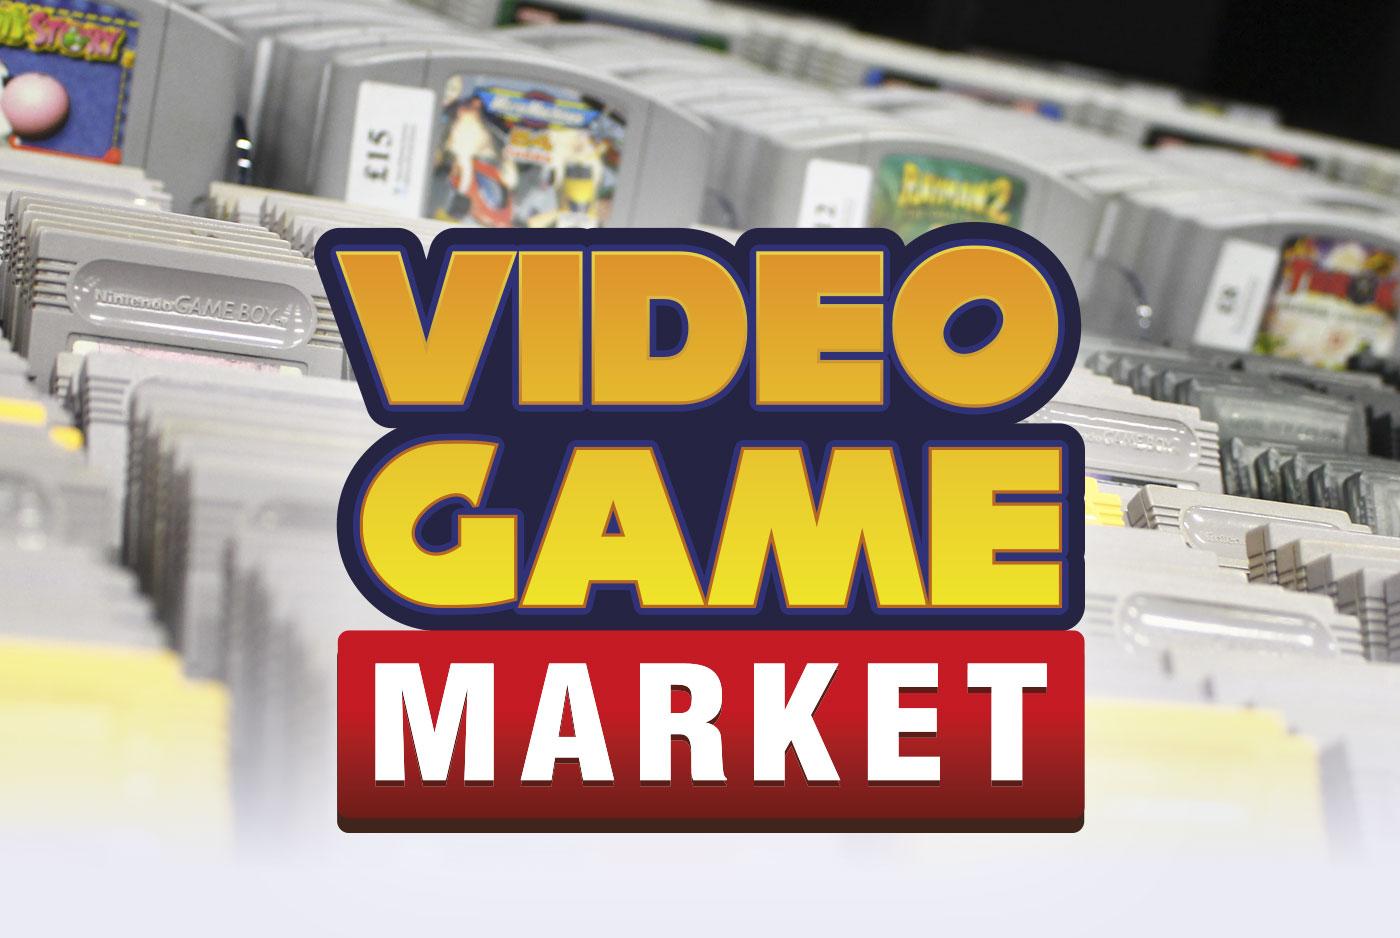 Video Game Market logo